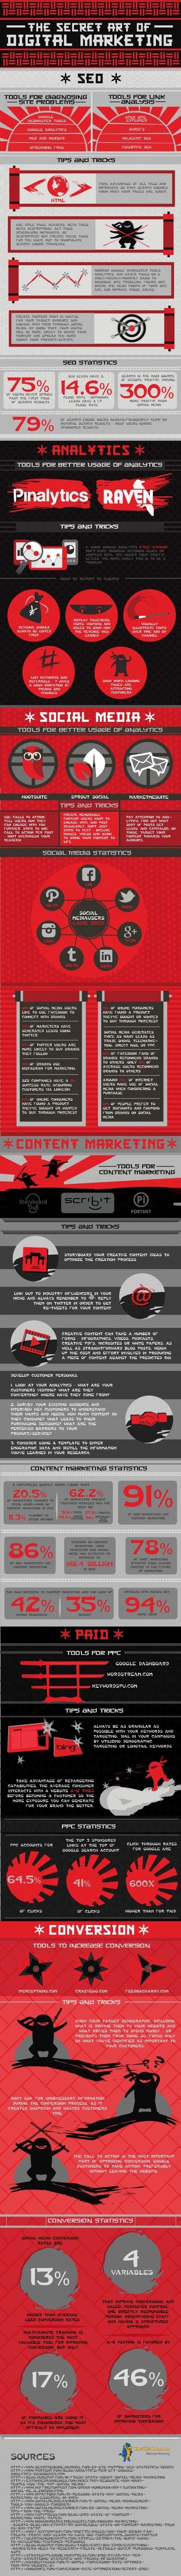 Las 6 áreas del marketing digital - Infografía | TICbeat | Digital World | Scoop.it